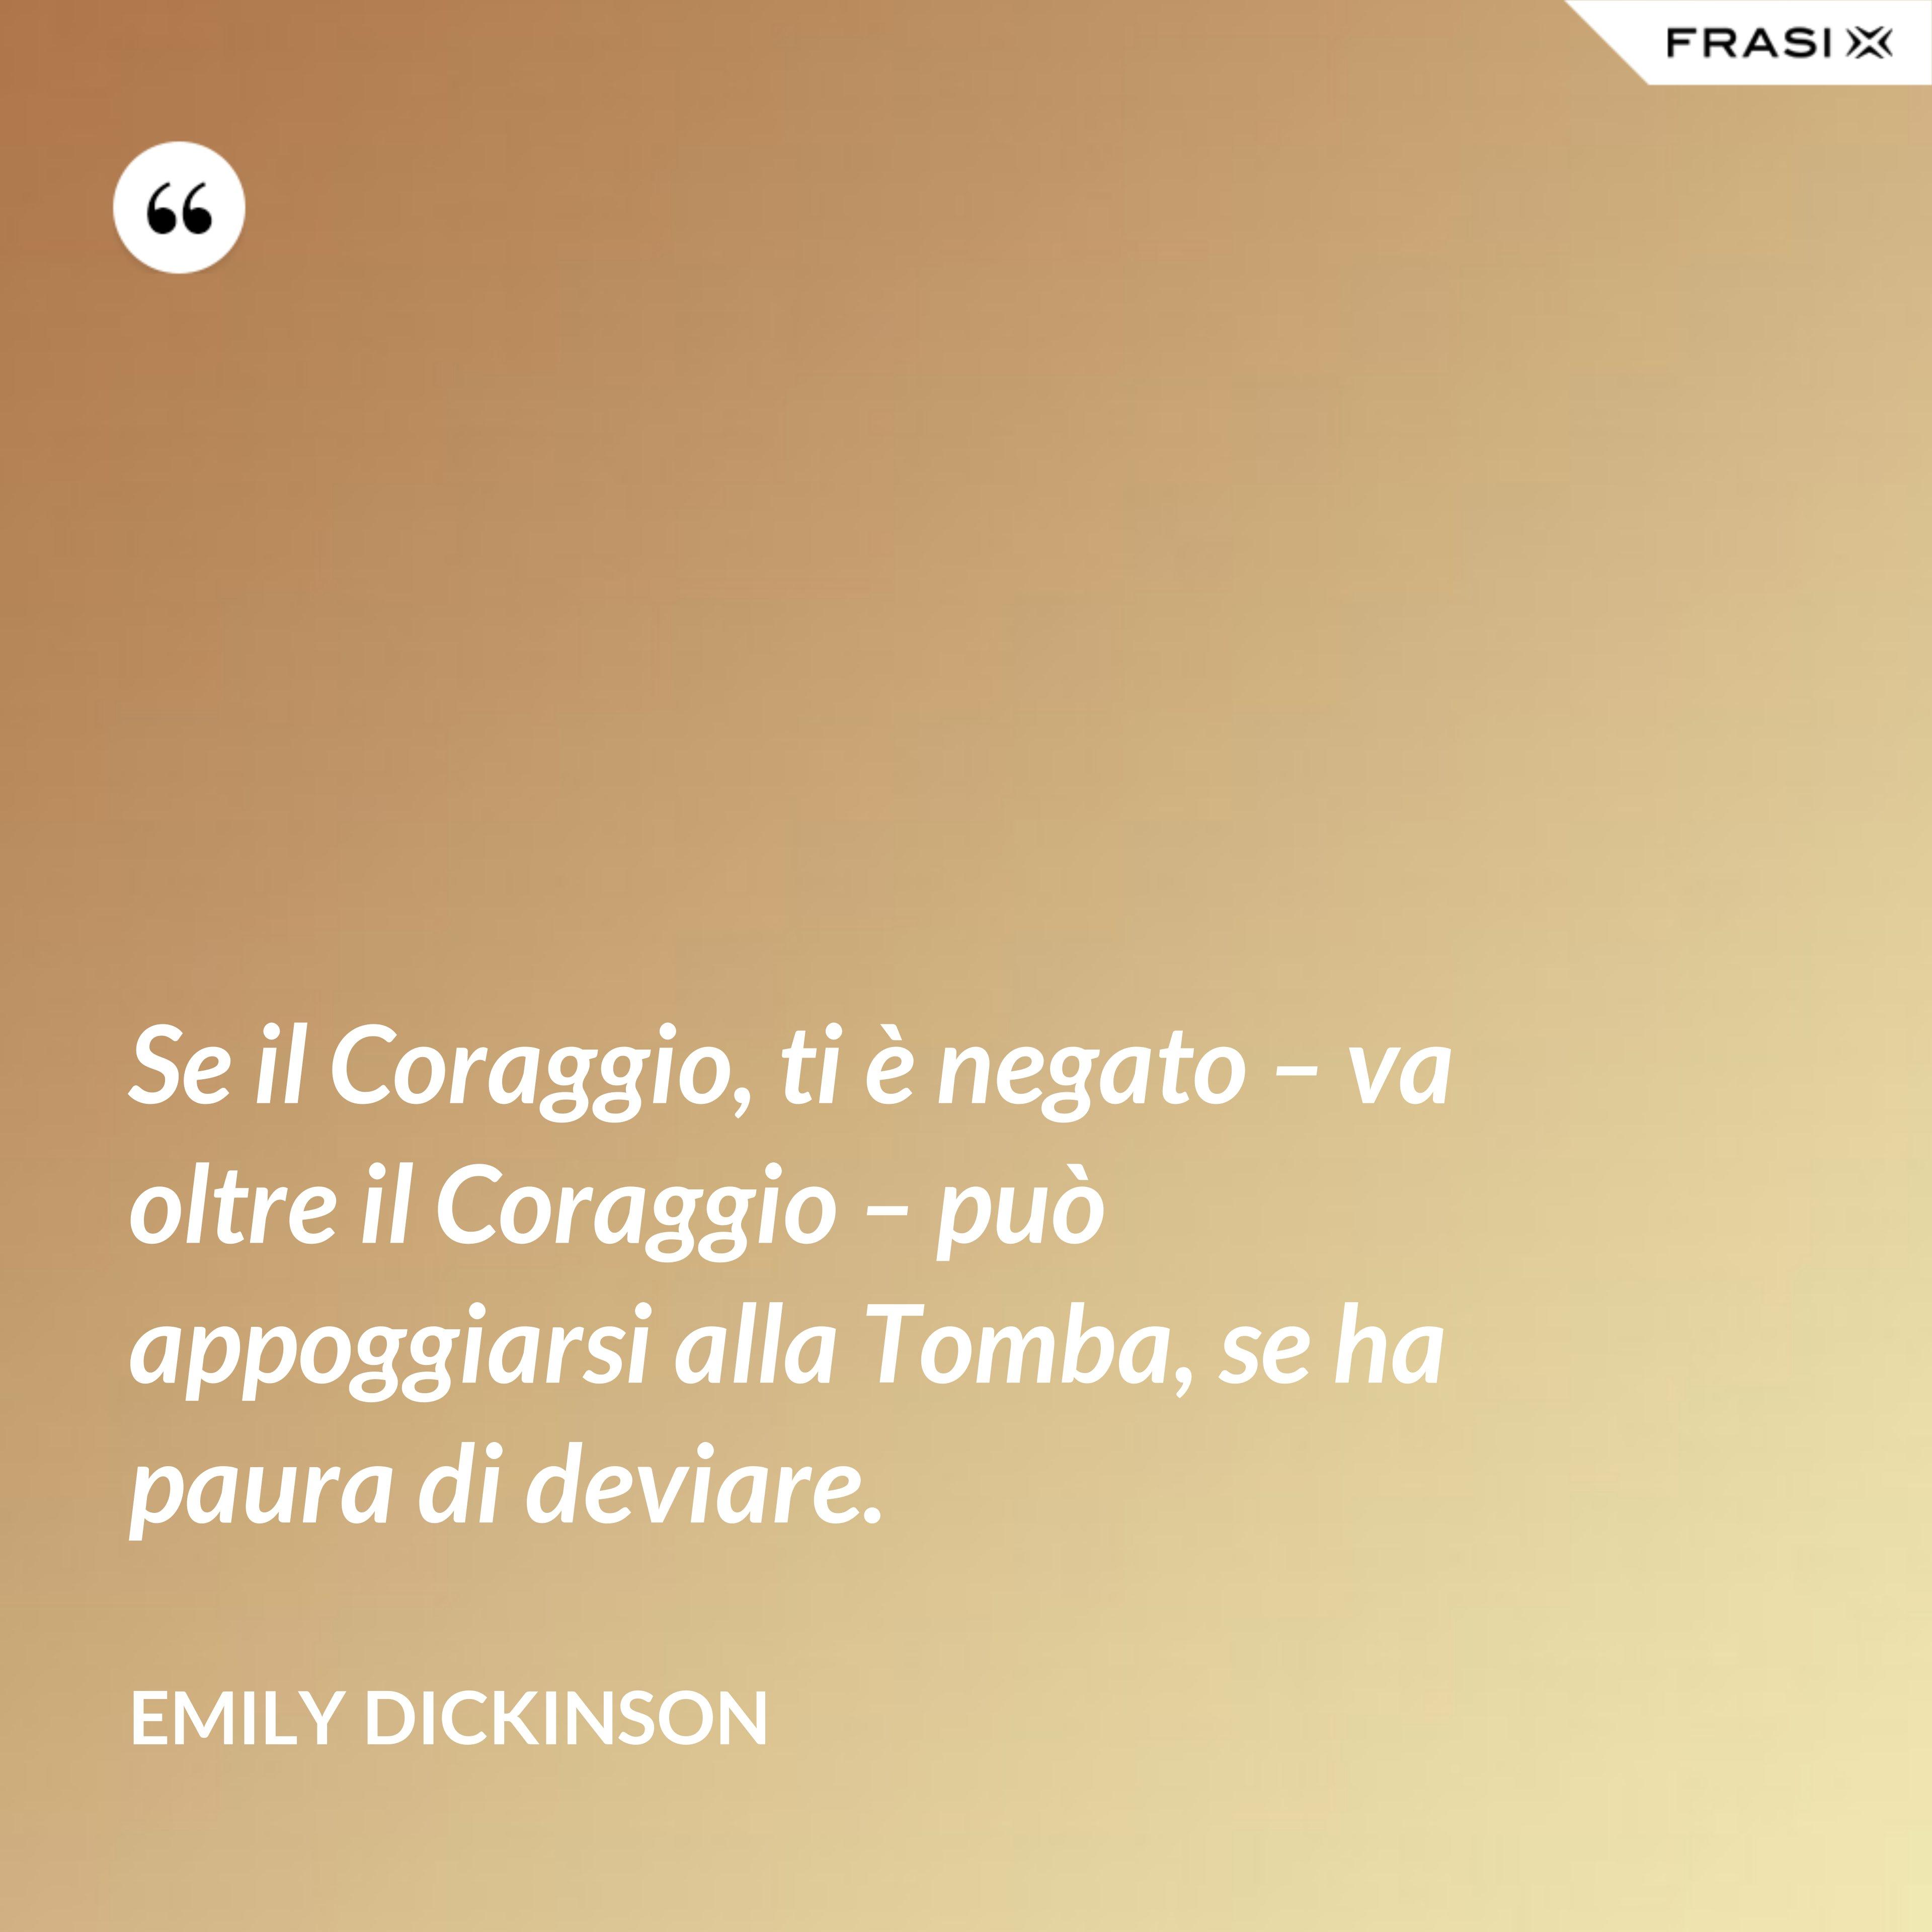 Se il Coraggio, ti è negato – va oltre il Coraggio – può appoggiarsi alla Tomba, se ha paura di deviare. - Emily Dickinson